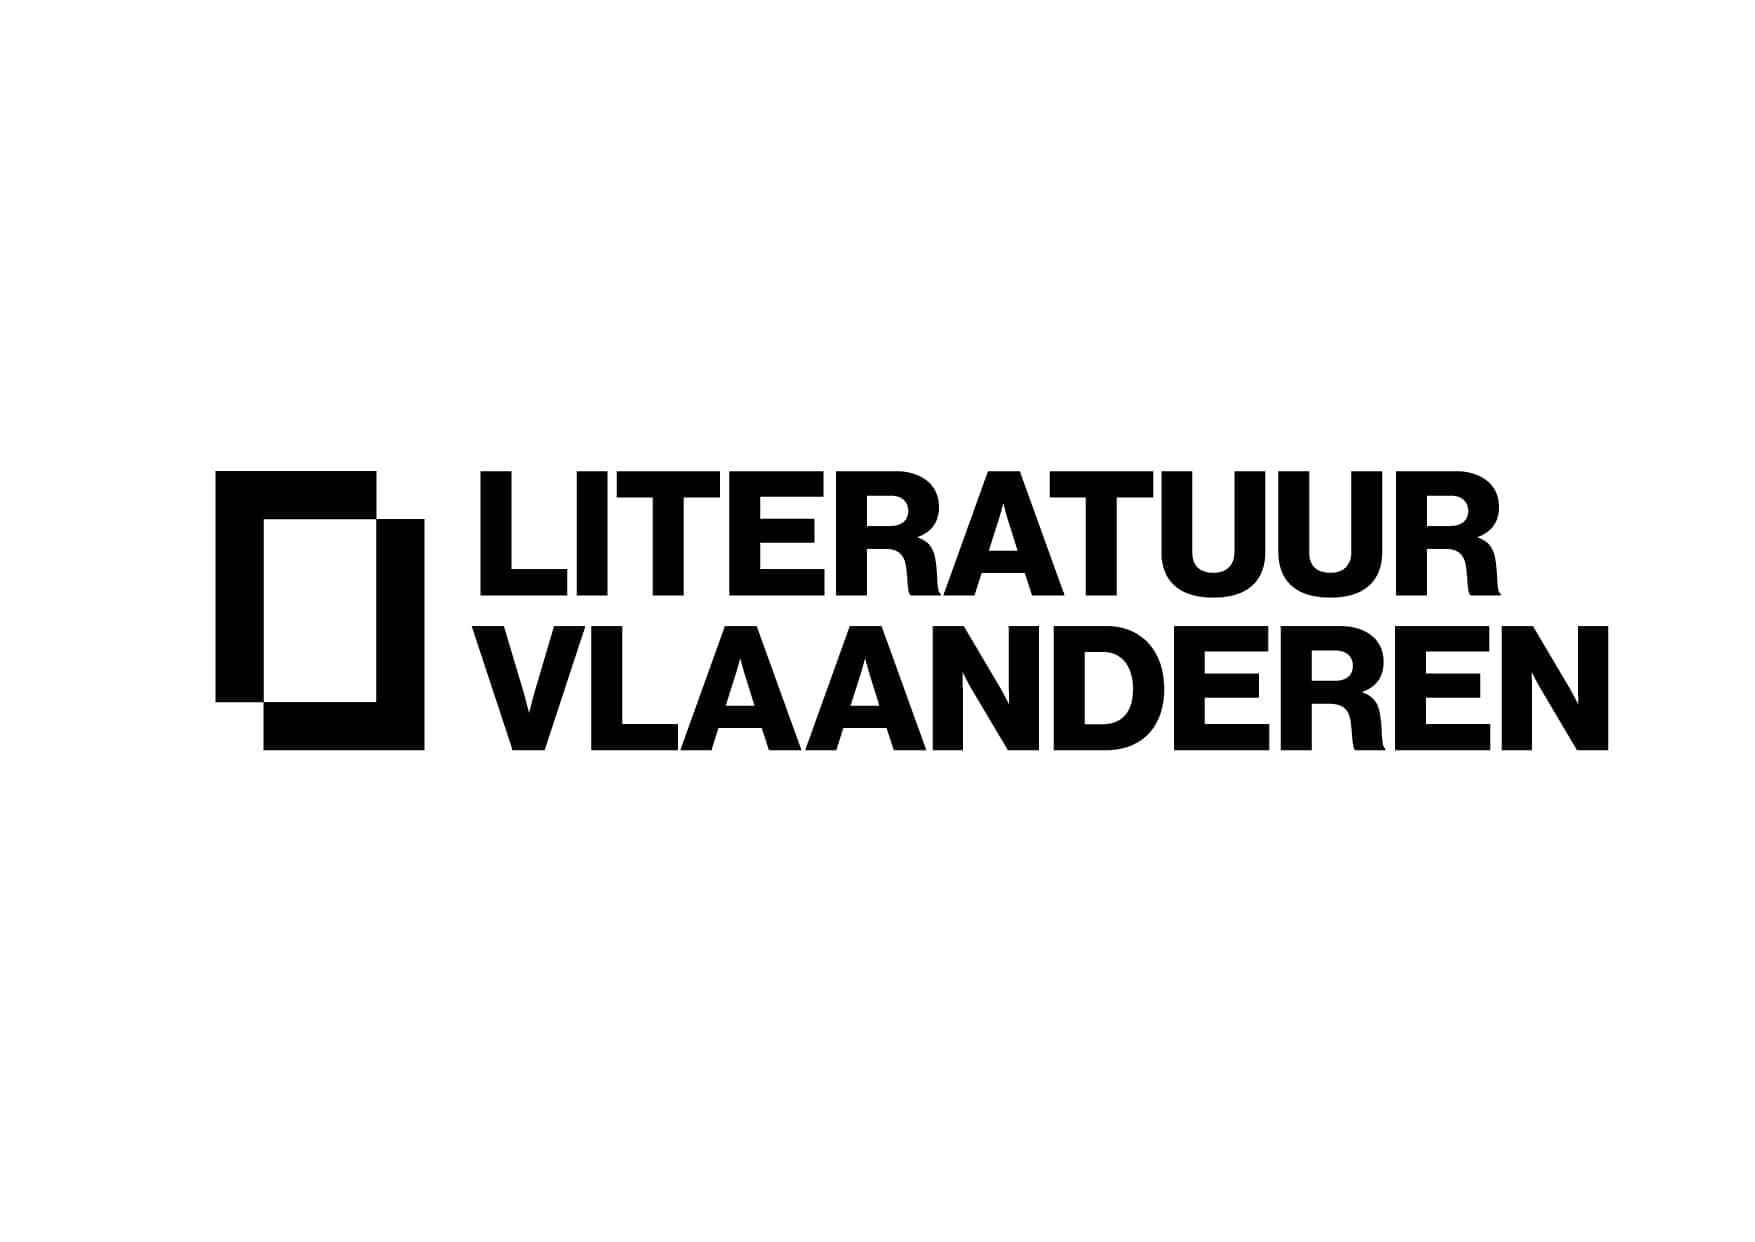 Literatuur Vlaanderen logo